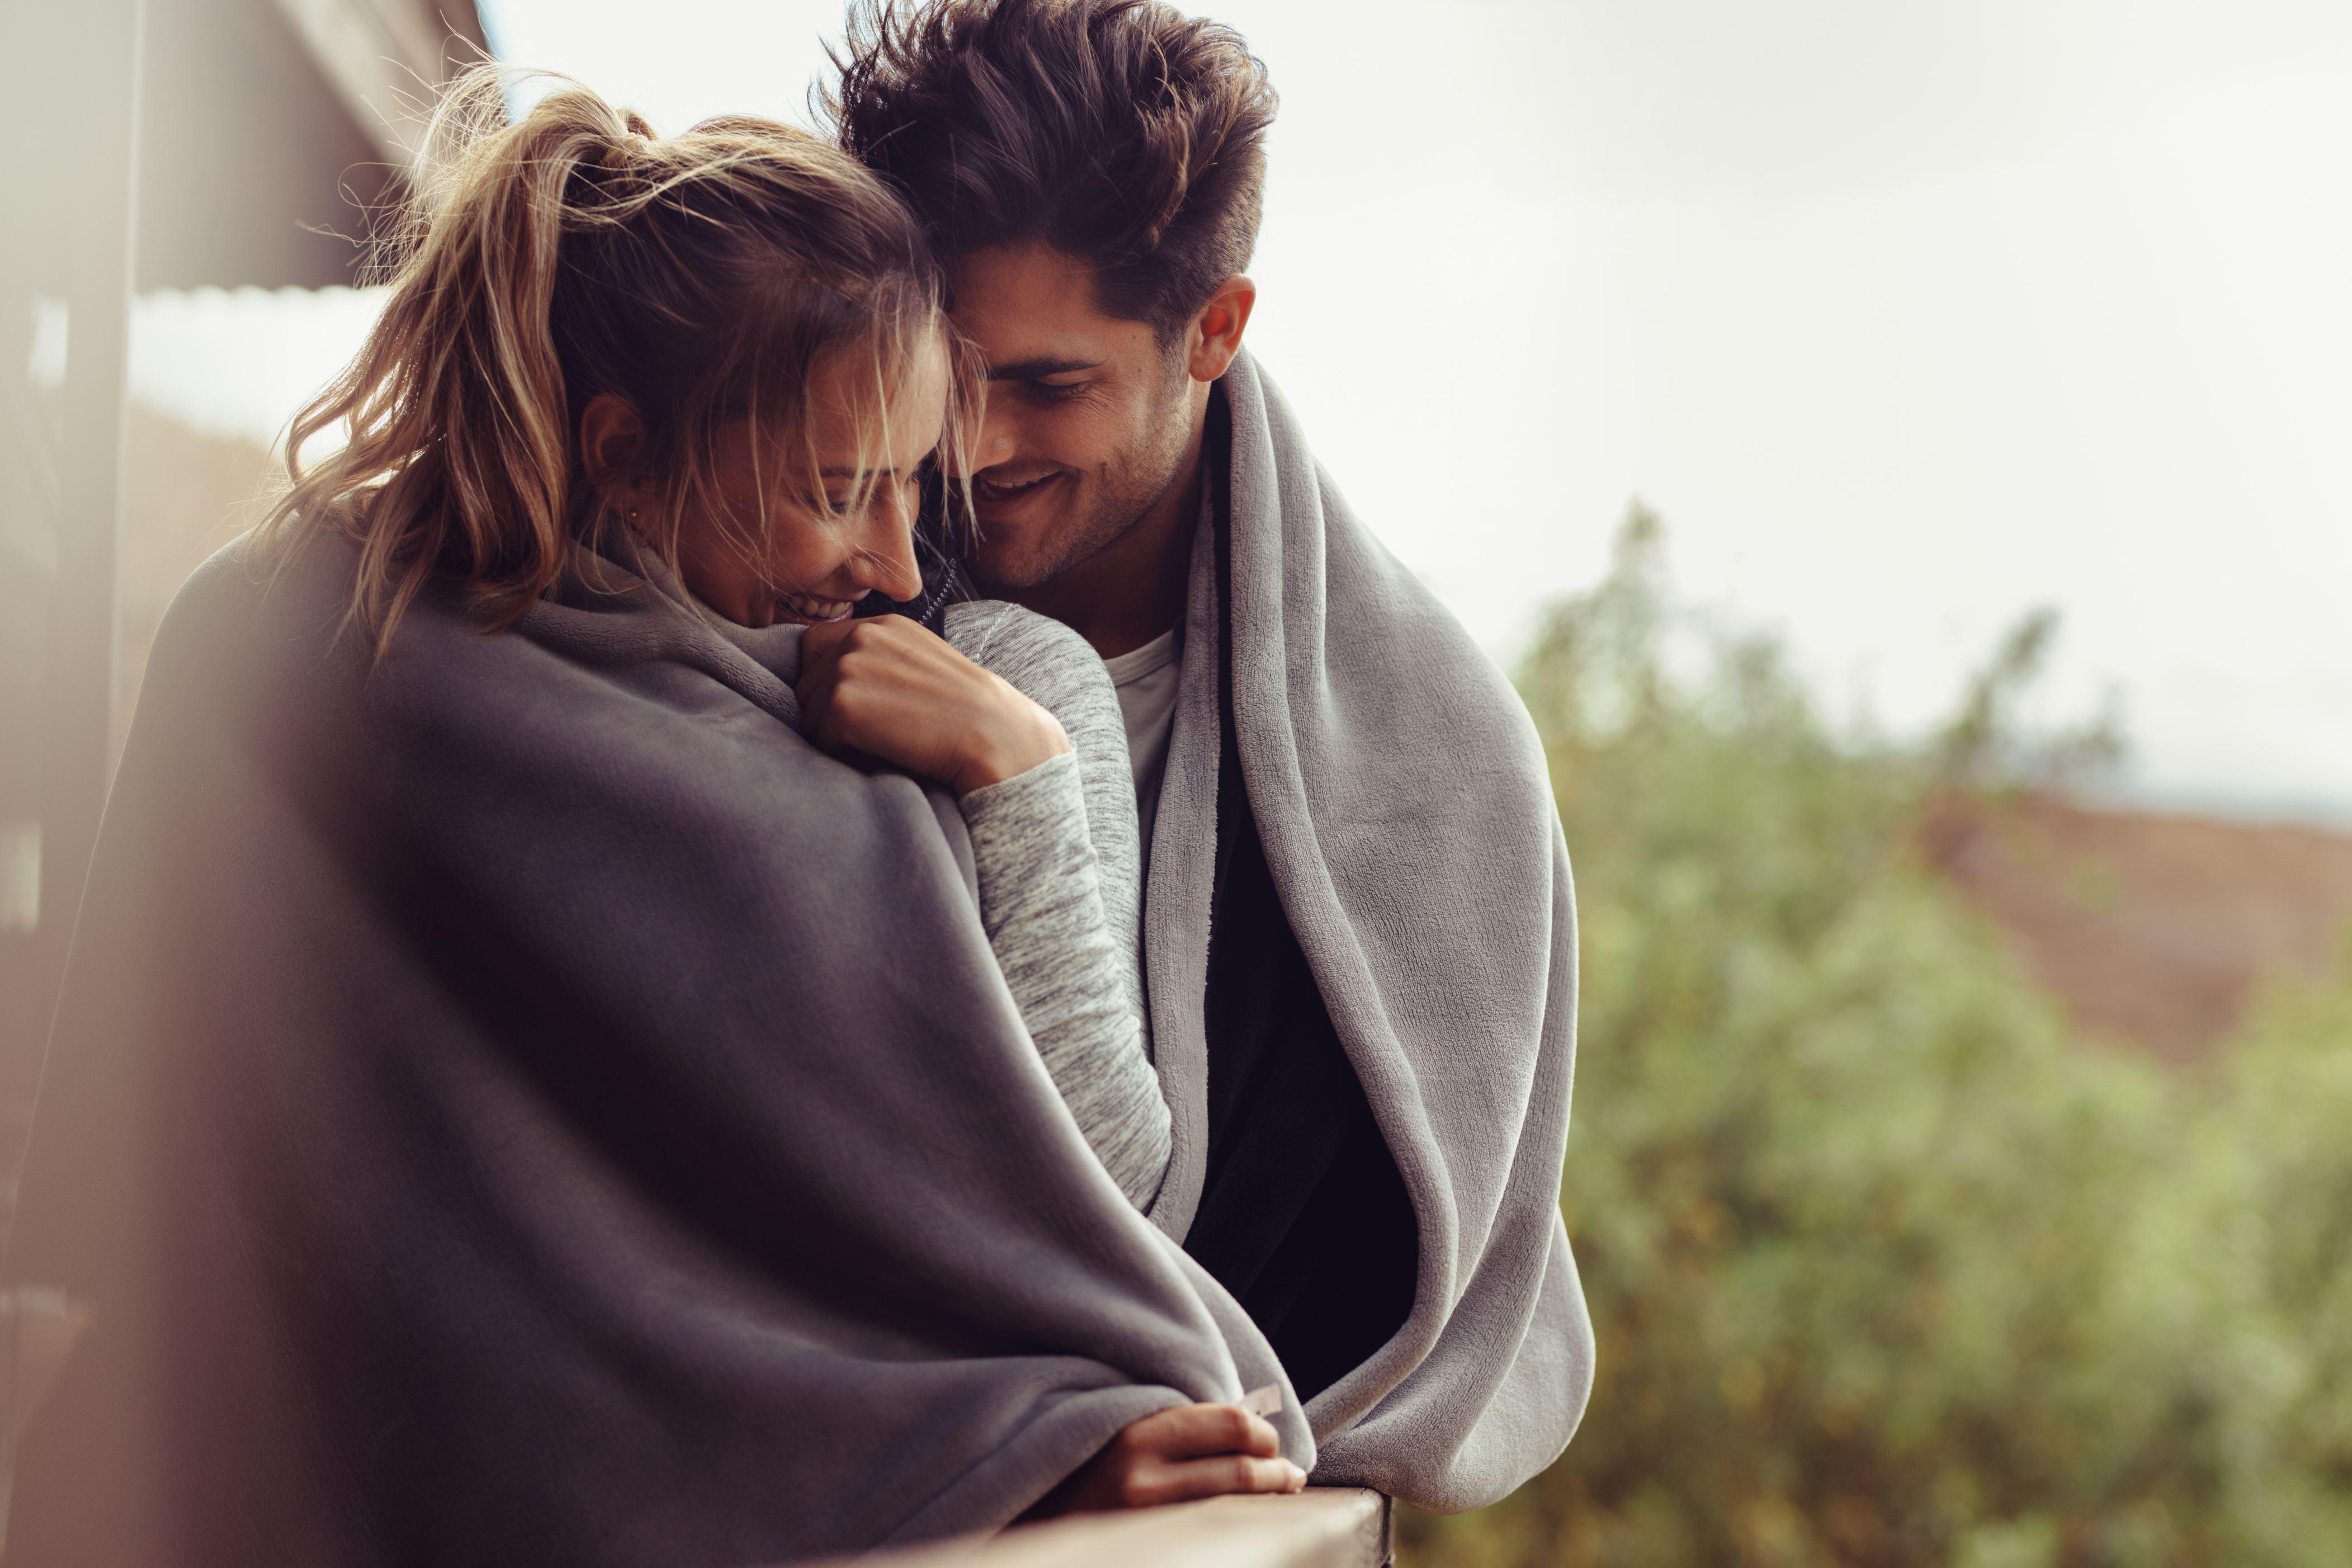 είναι σε απευθείας σύνδεση ραντεβού καταστρέφοντας την αγάπη Dating στην ανάγνωση του Ηνωμένου Βασιλείου